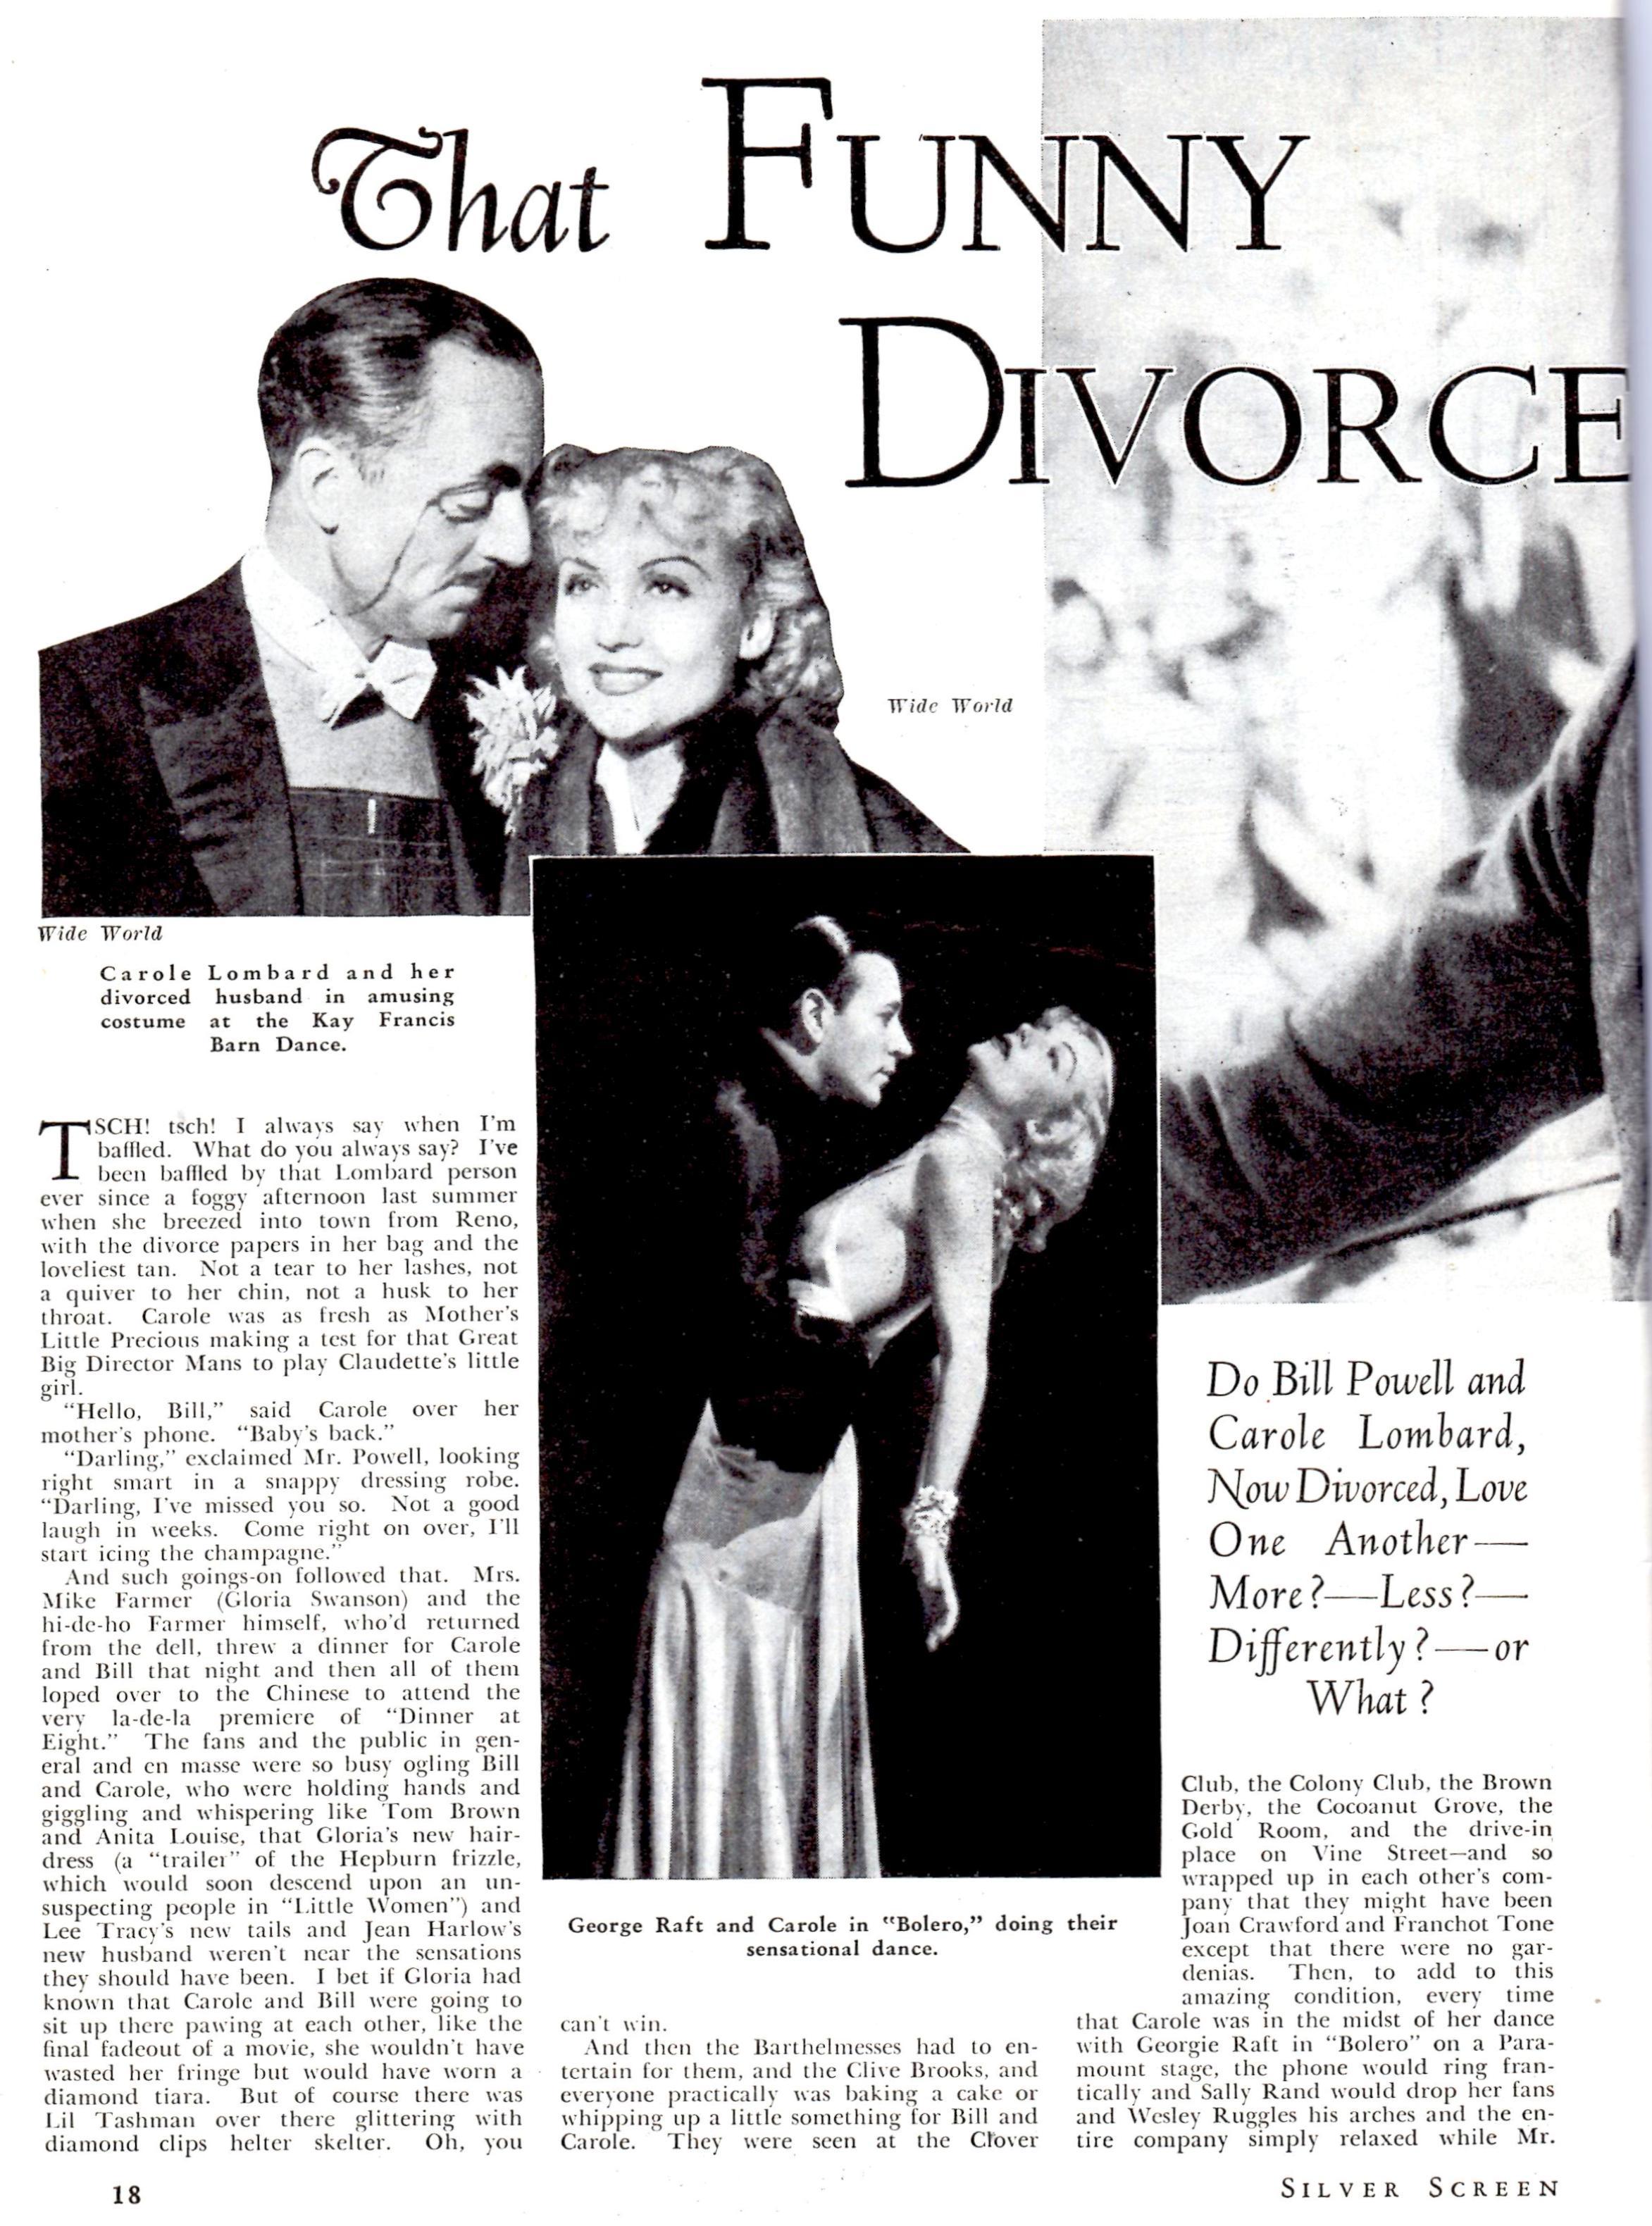 carole lombard silver screen april 1934a